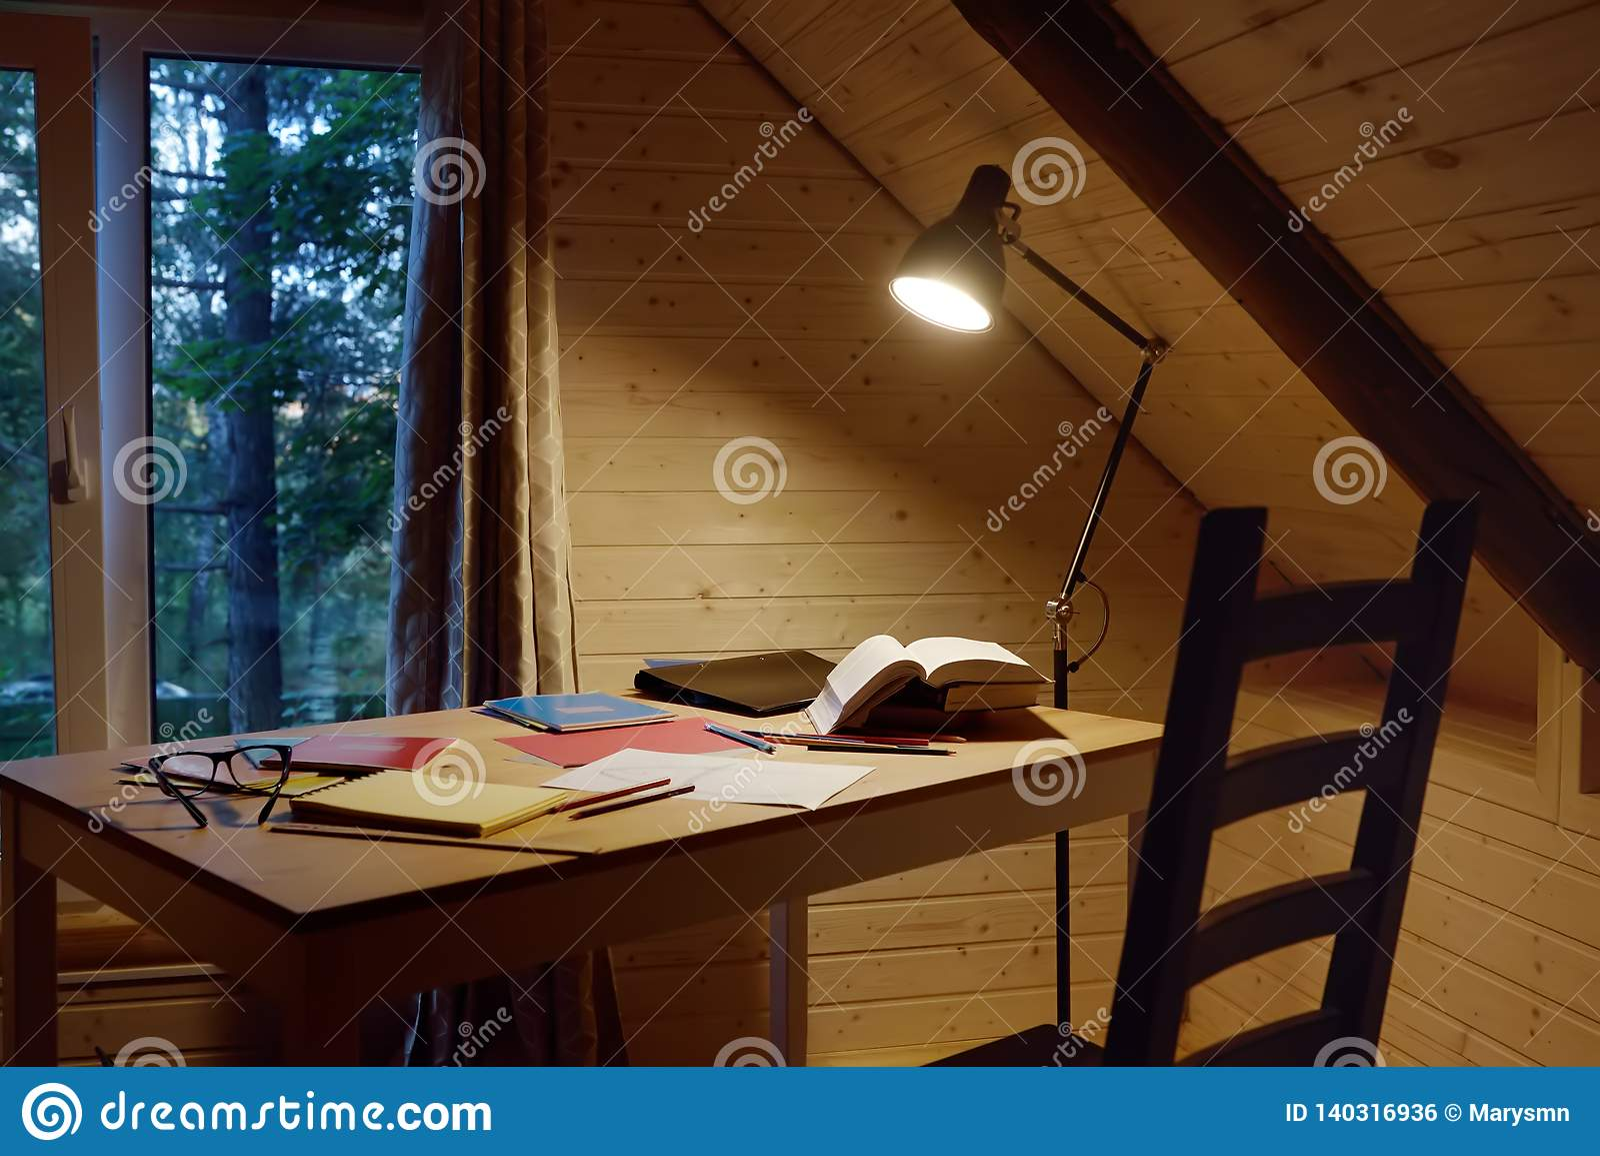 Espacio de trabajo acogedor para el freelancer Espacio de trabajo del escritor, del estudiante o del alumno